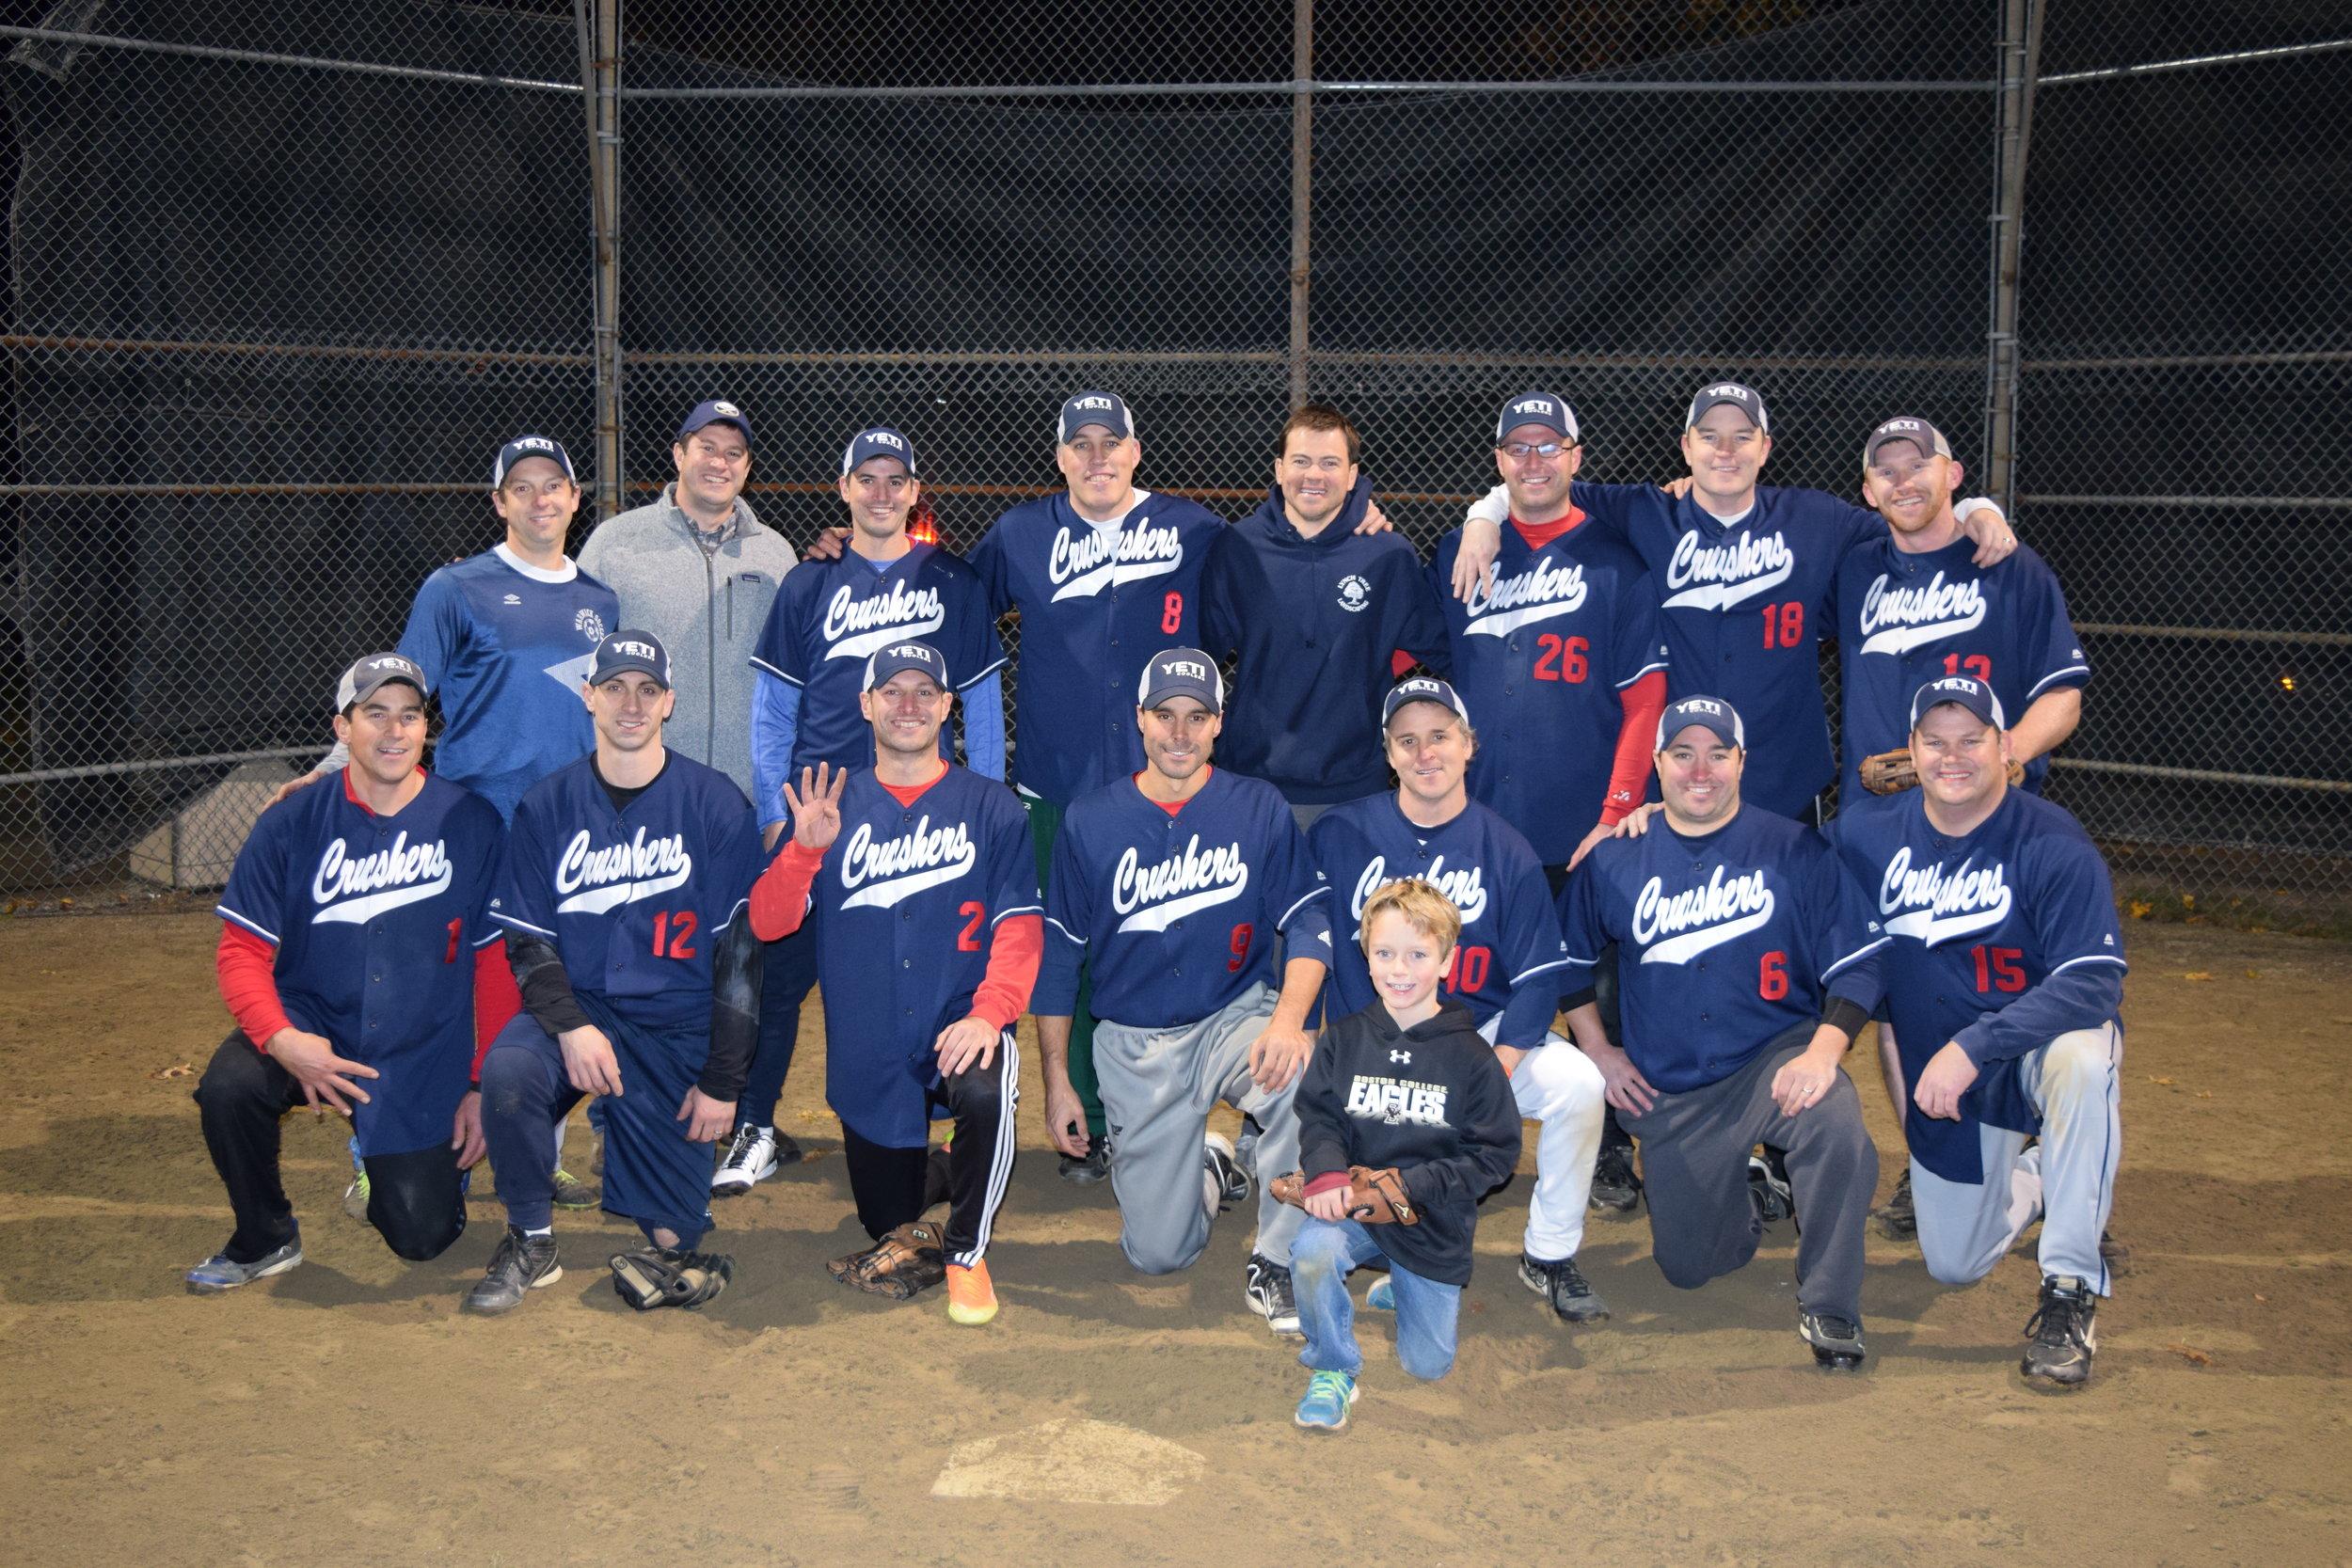 Cochituate Crushers - 2016 Fall Wayland Softball Champions